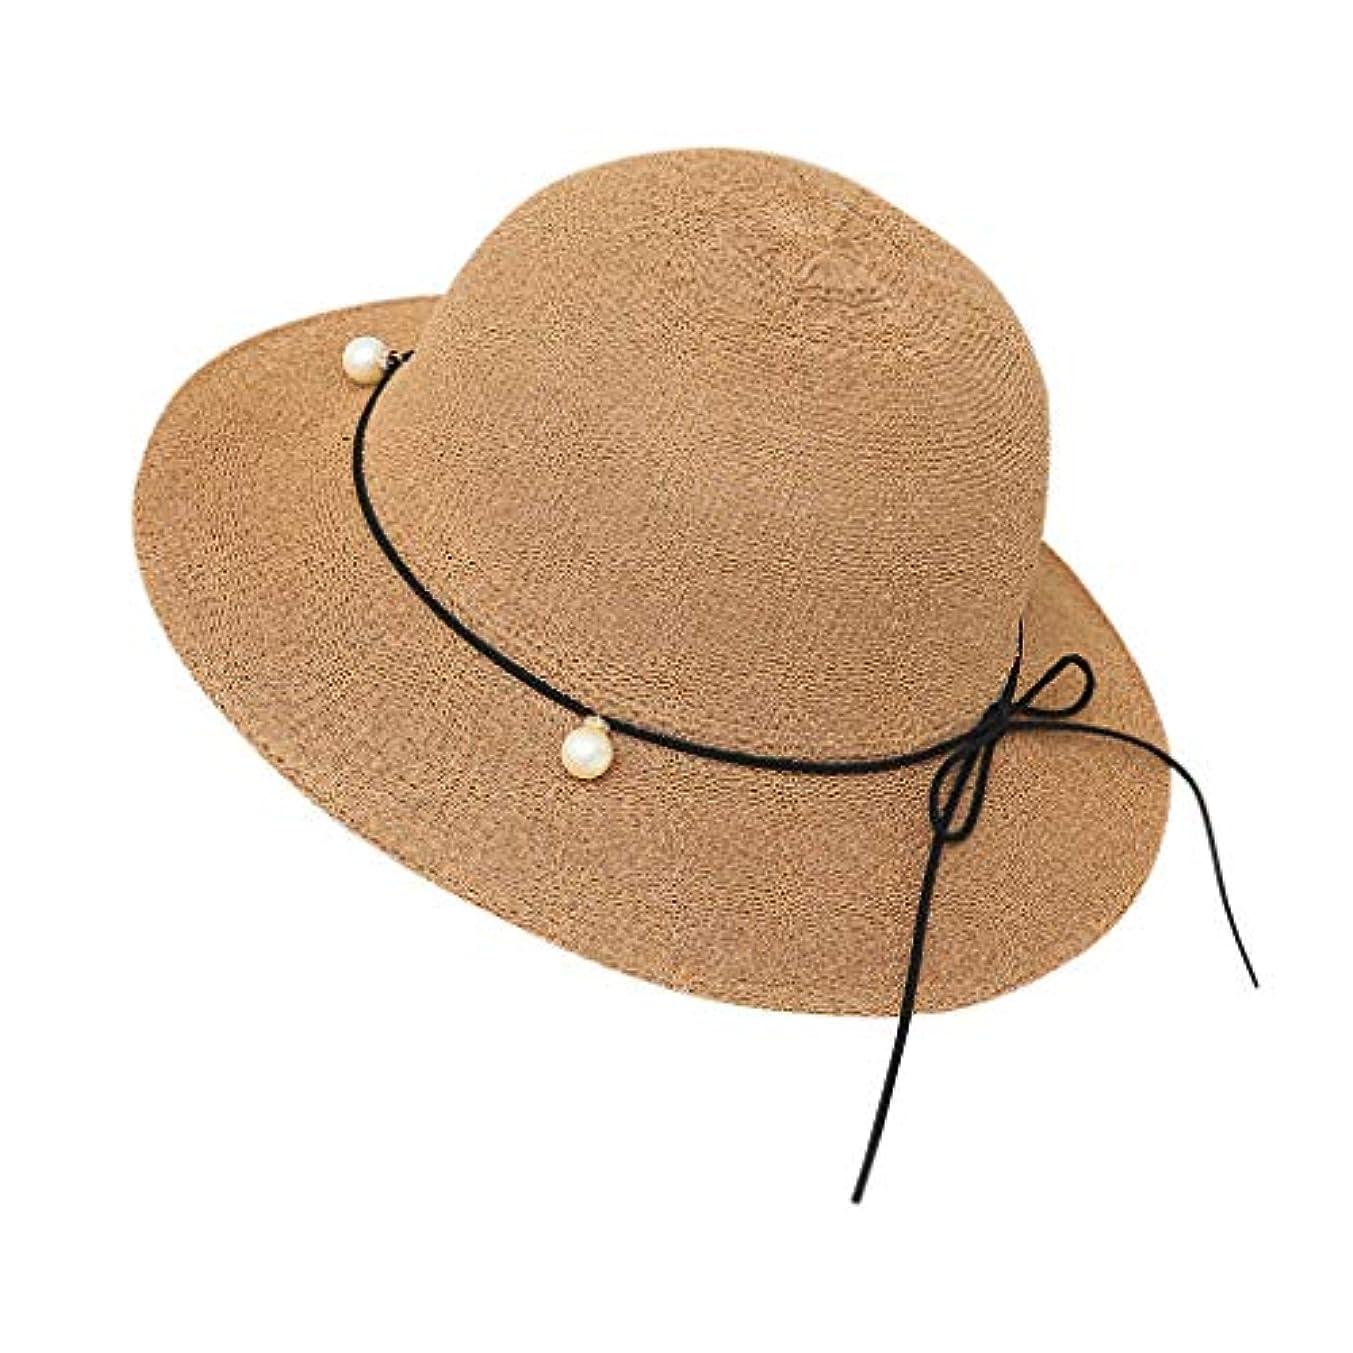 仕事スライム拡散する帽子 レディース 夏 女性 UVカット 帽子 ハット 漁師帽 つば広 吸汗通気 紫外線対策 大きいサイズ 日焼け防止 サイズ調節 ベレー帽 帽子 レディース ビーチ 海辺 森ガール 女優帽 日よけ ROSE ROMAN